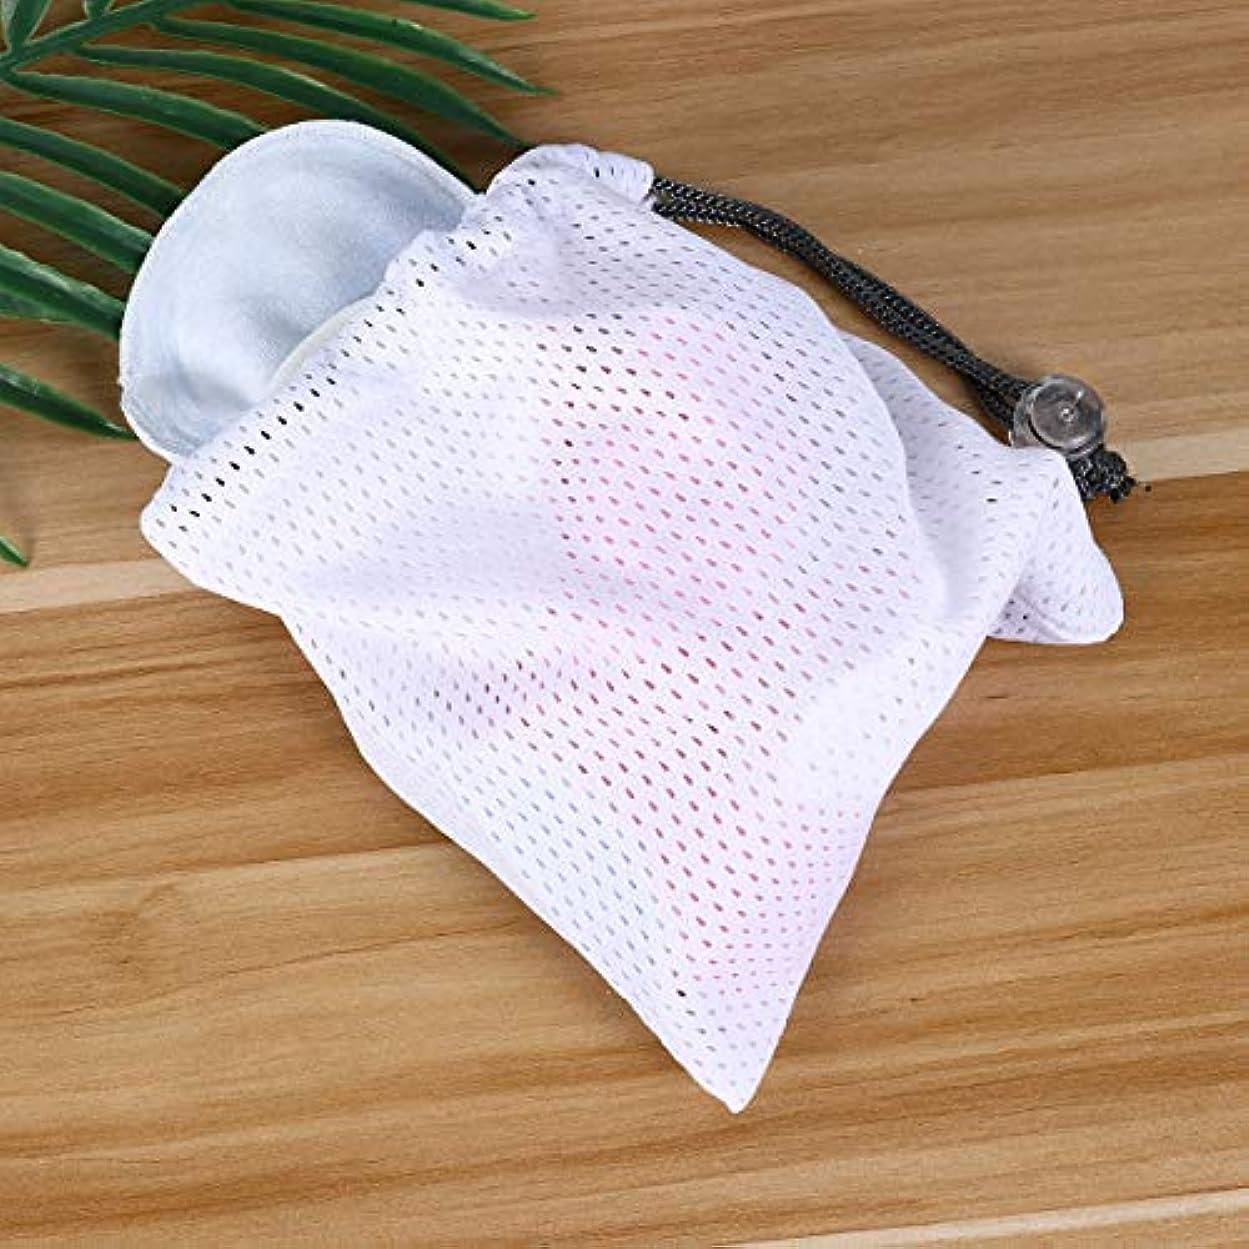 それ混乱させる飢Beaupretty 17ピース再利用可能な竹繊維化粧落としパッド有機綿ラウンド洗える顔クレンジング布